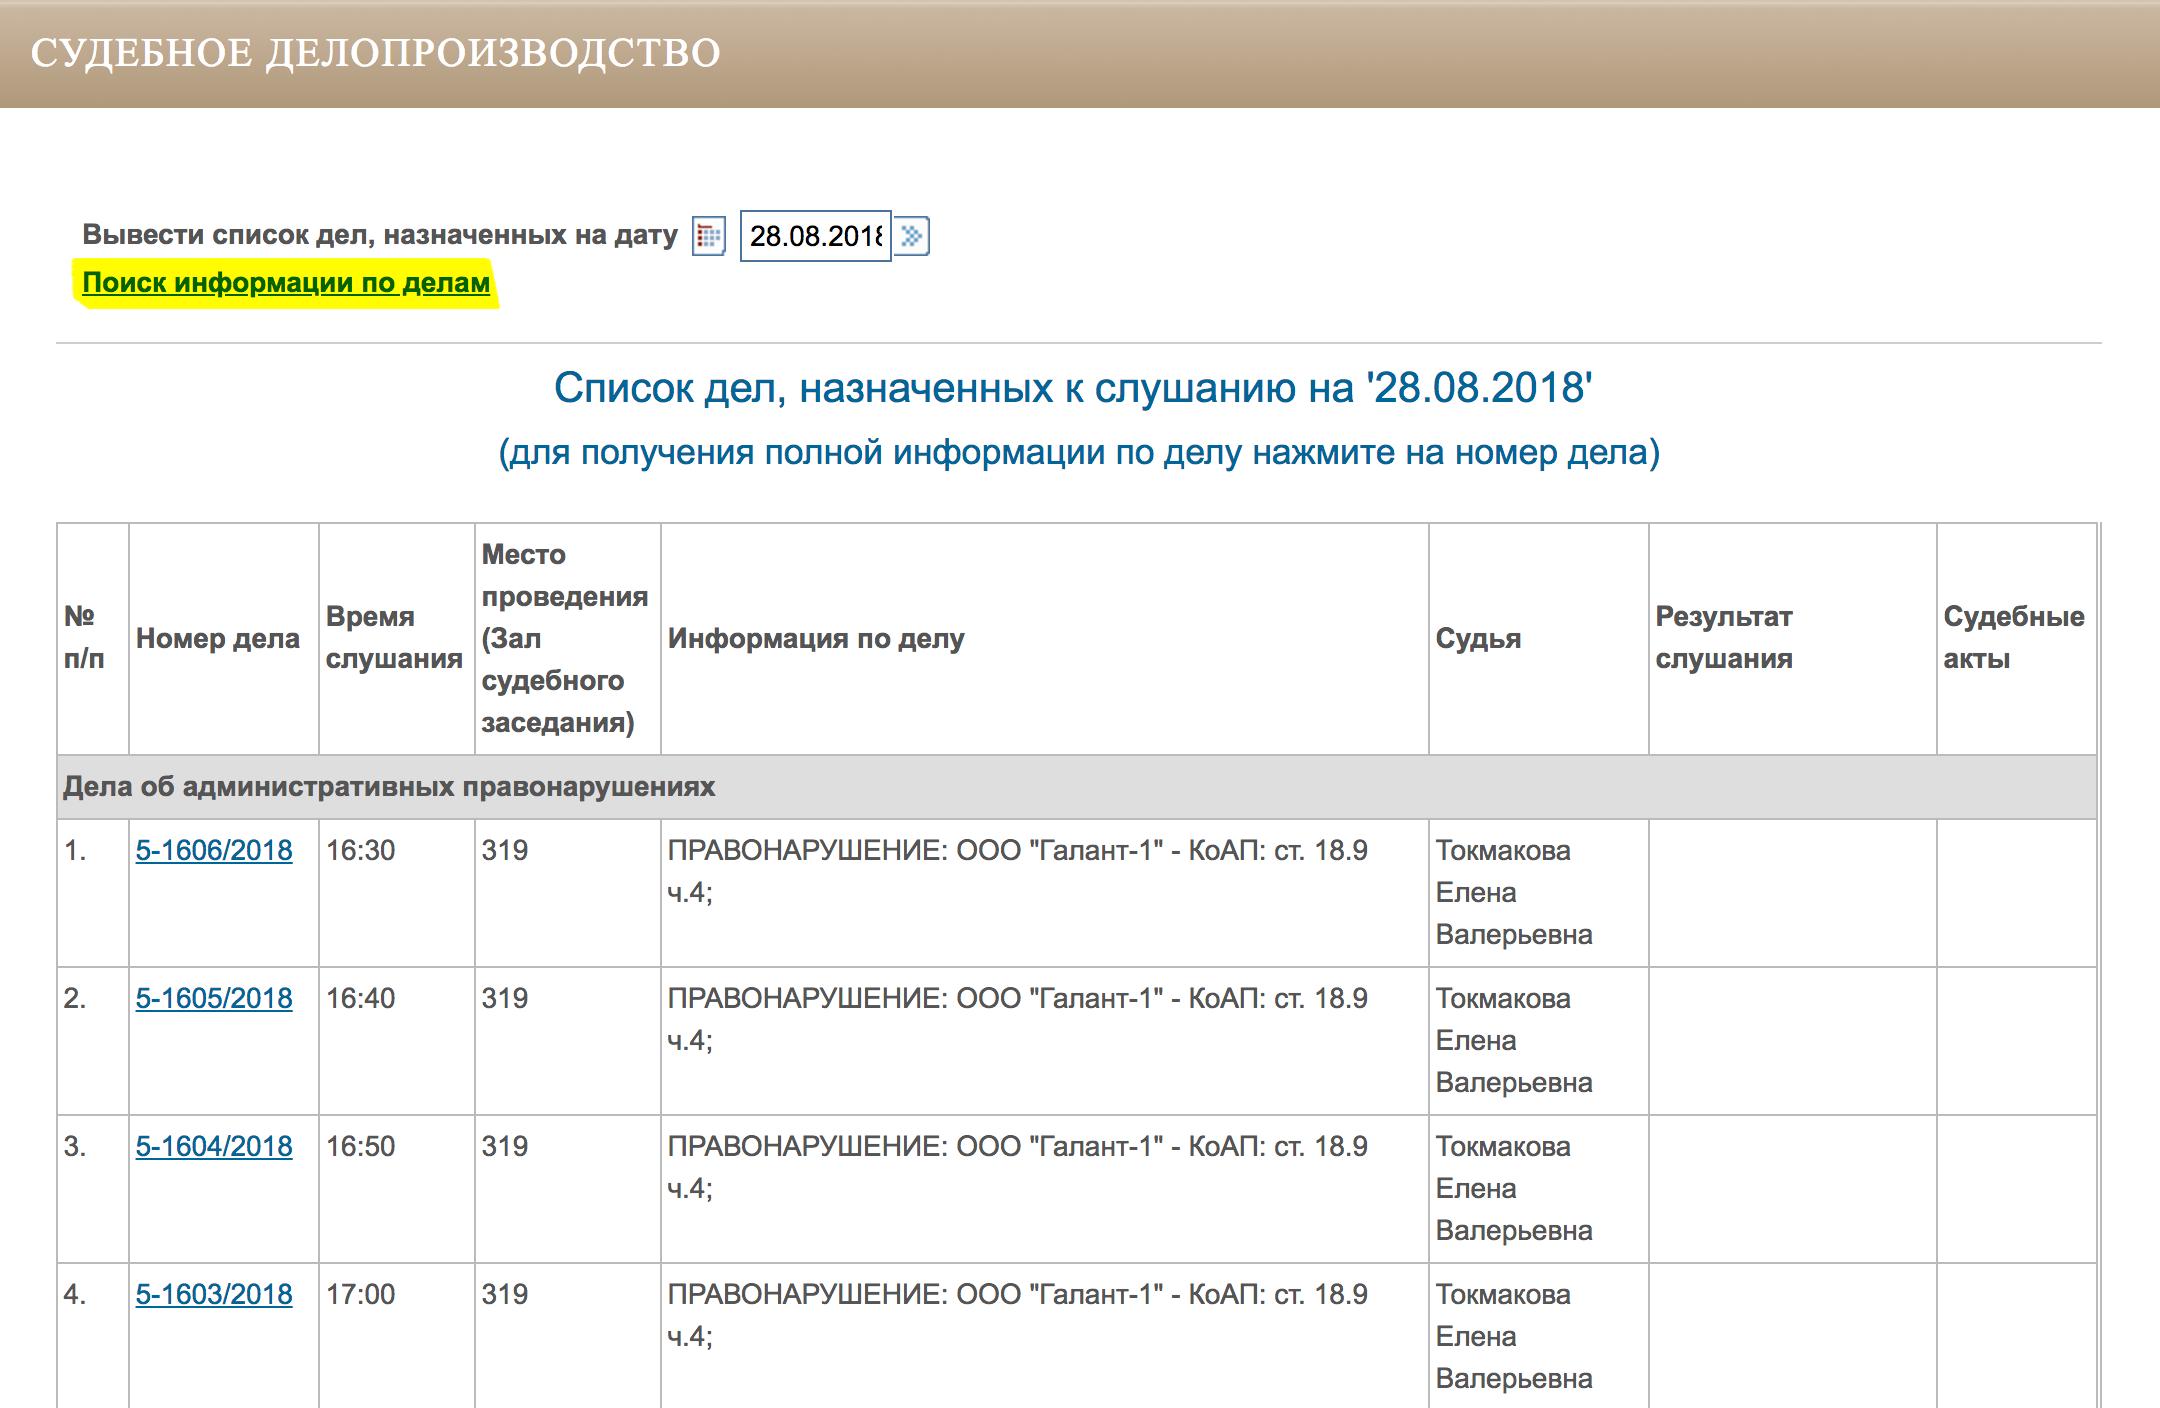 На сайте суда заходим в раздел «Судебное делопроизводство» и нажимаем малозаметную ссылку «Поиск информации по делам»